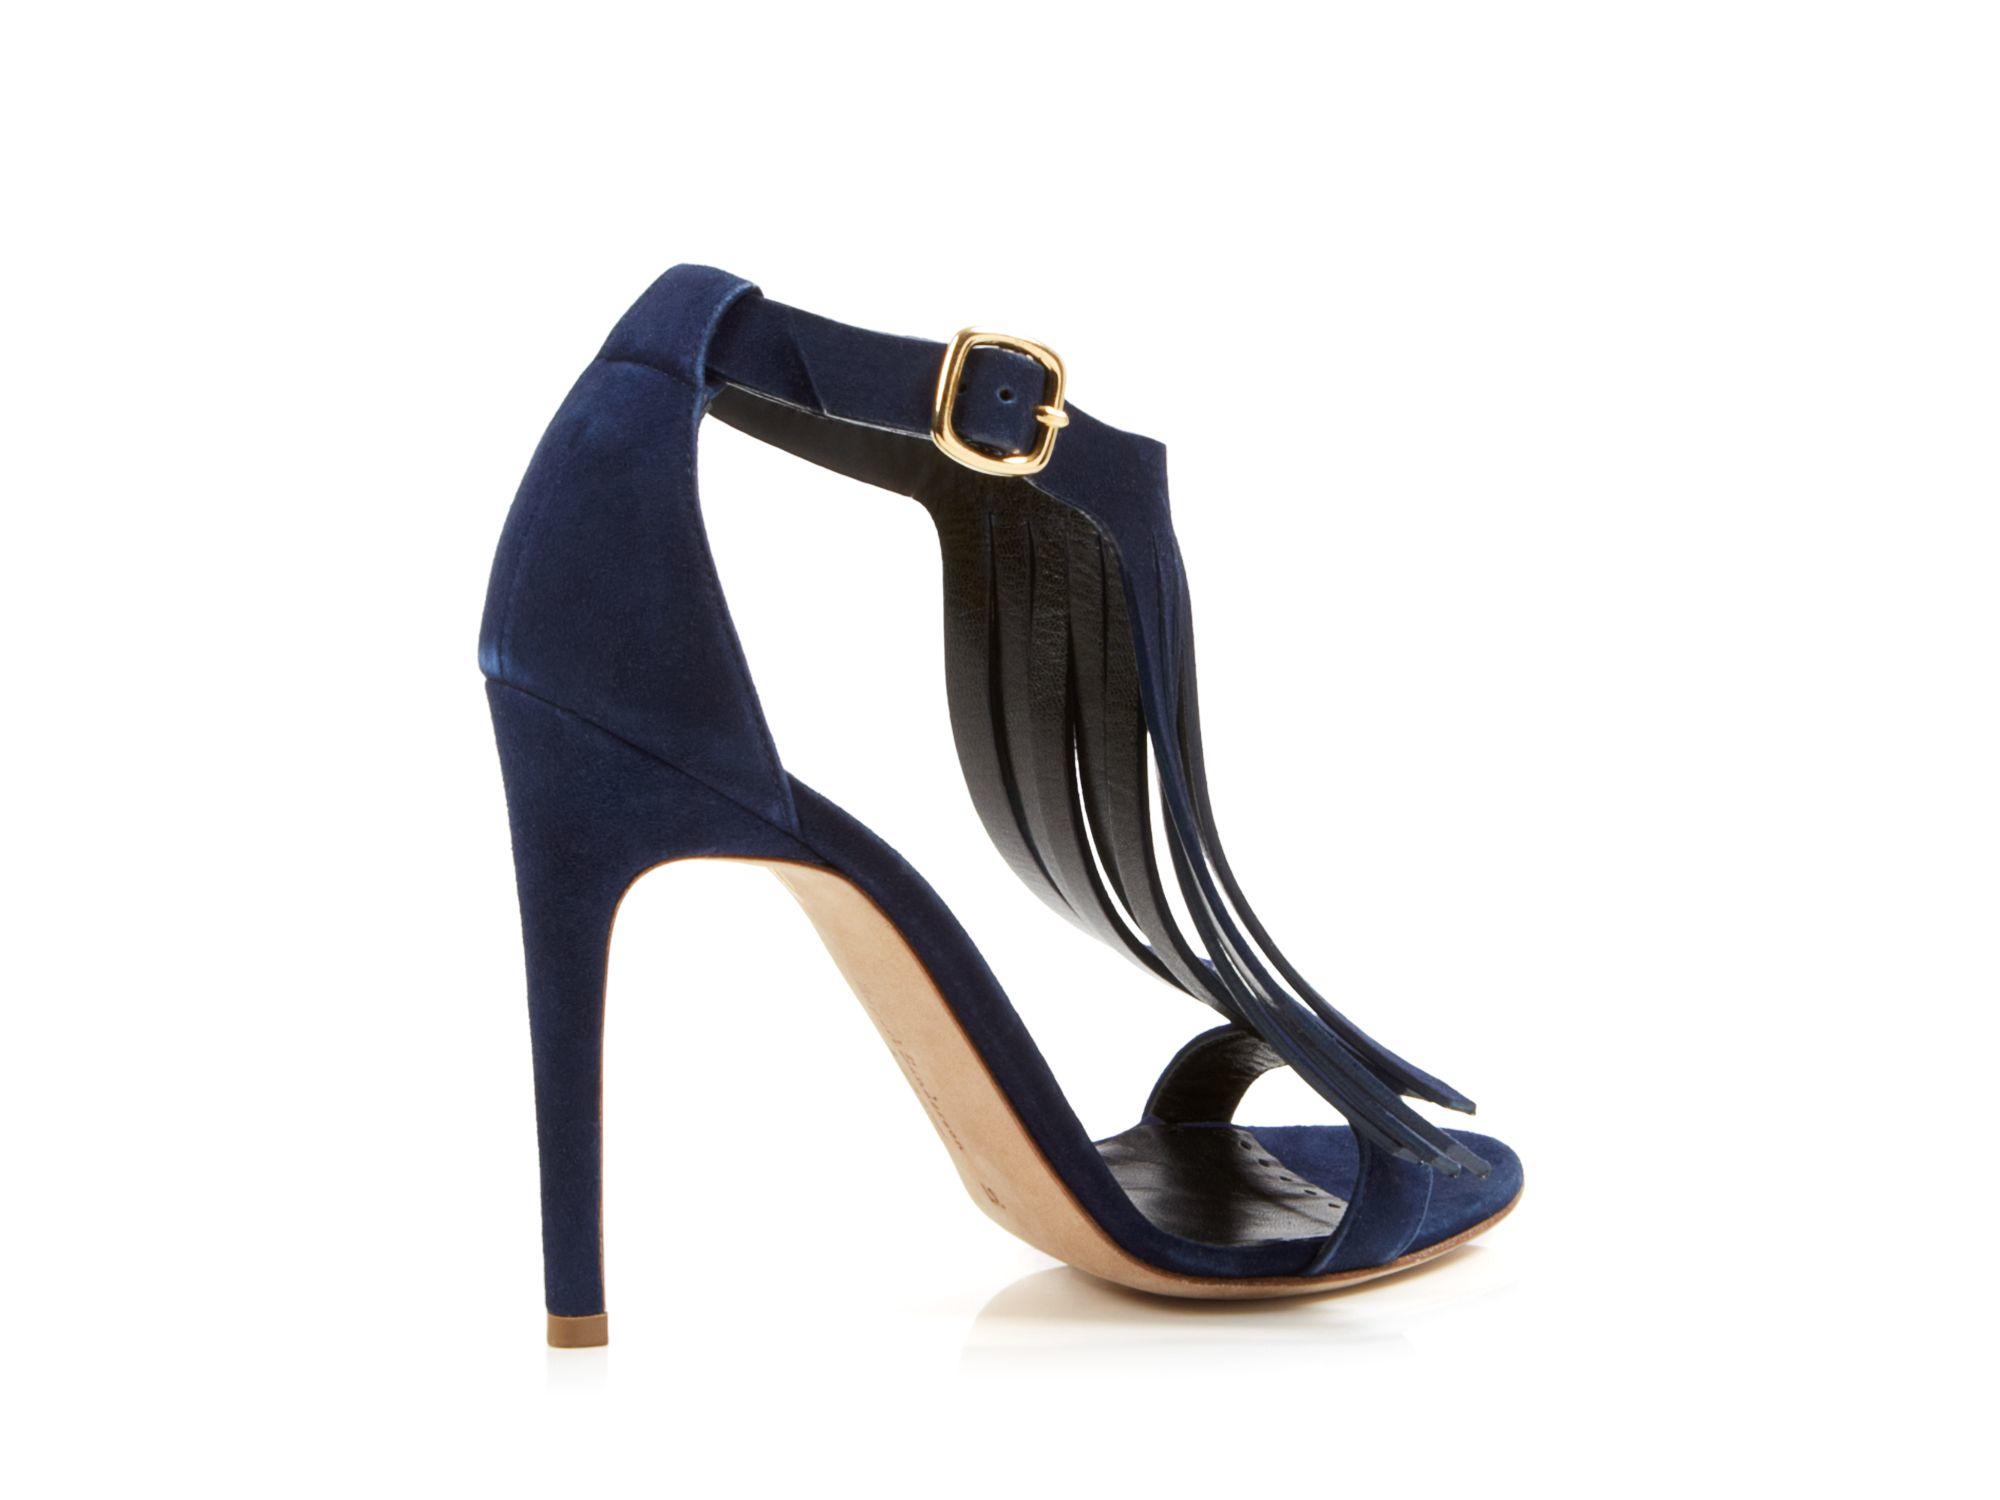 Navy Blue High Heel Sandals - Is Heel